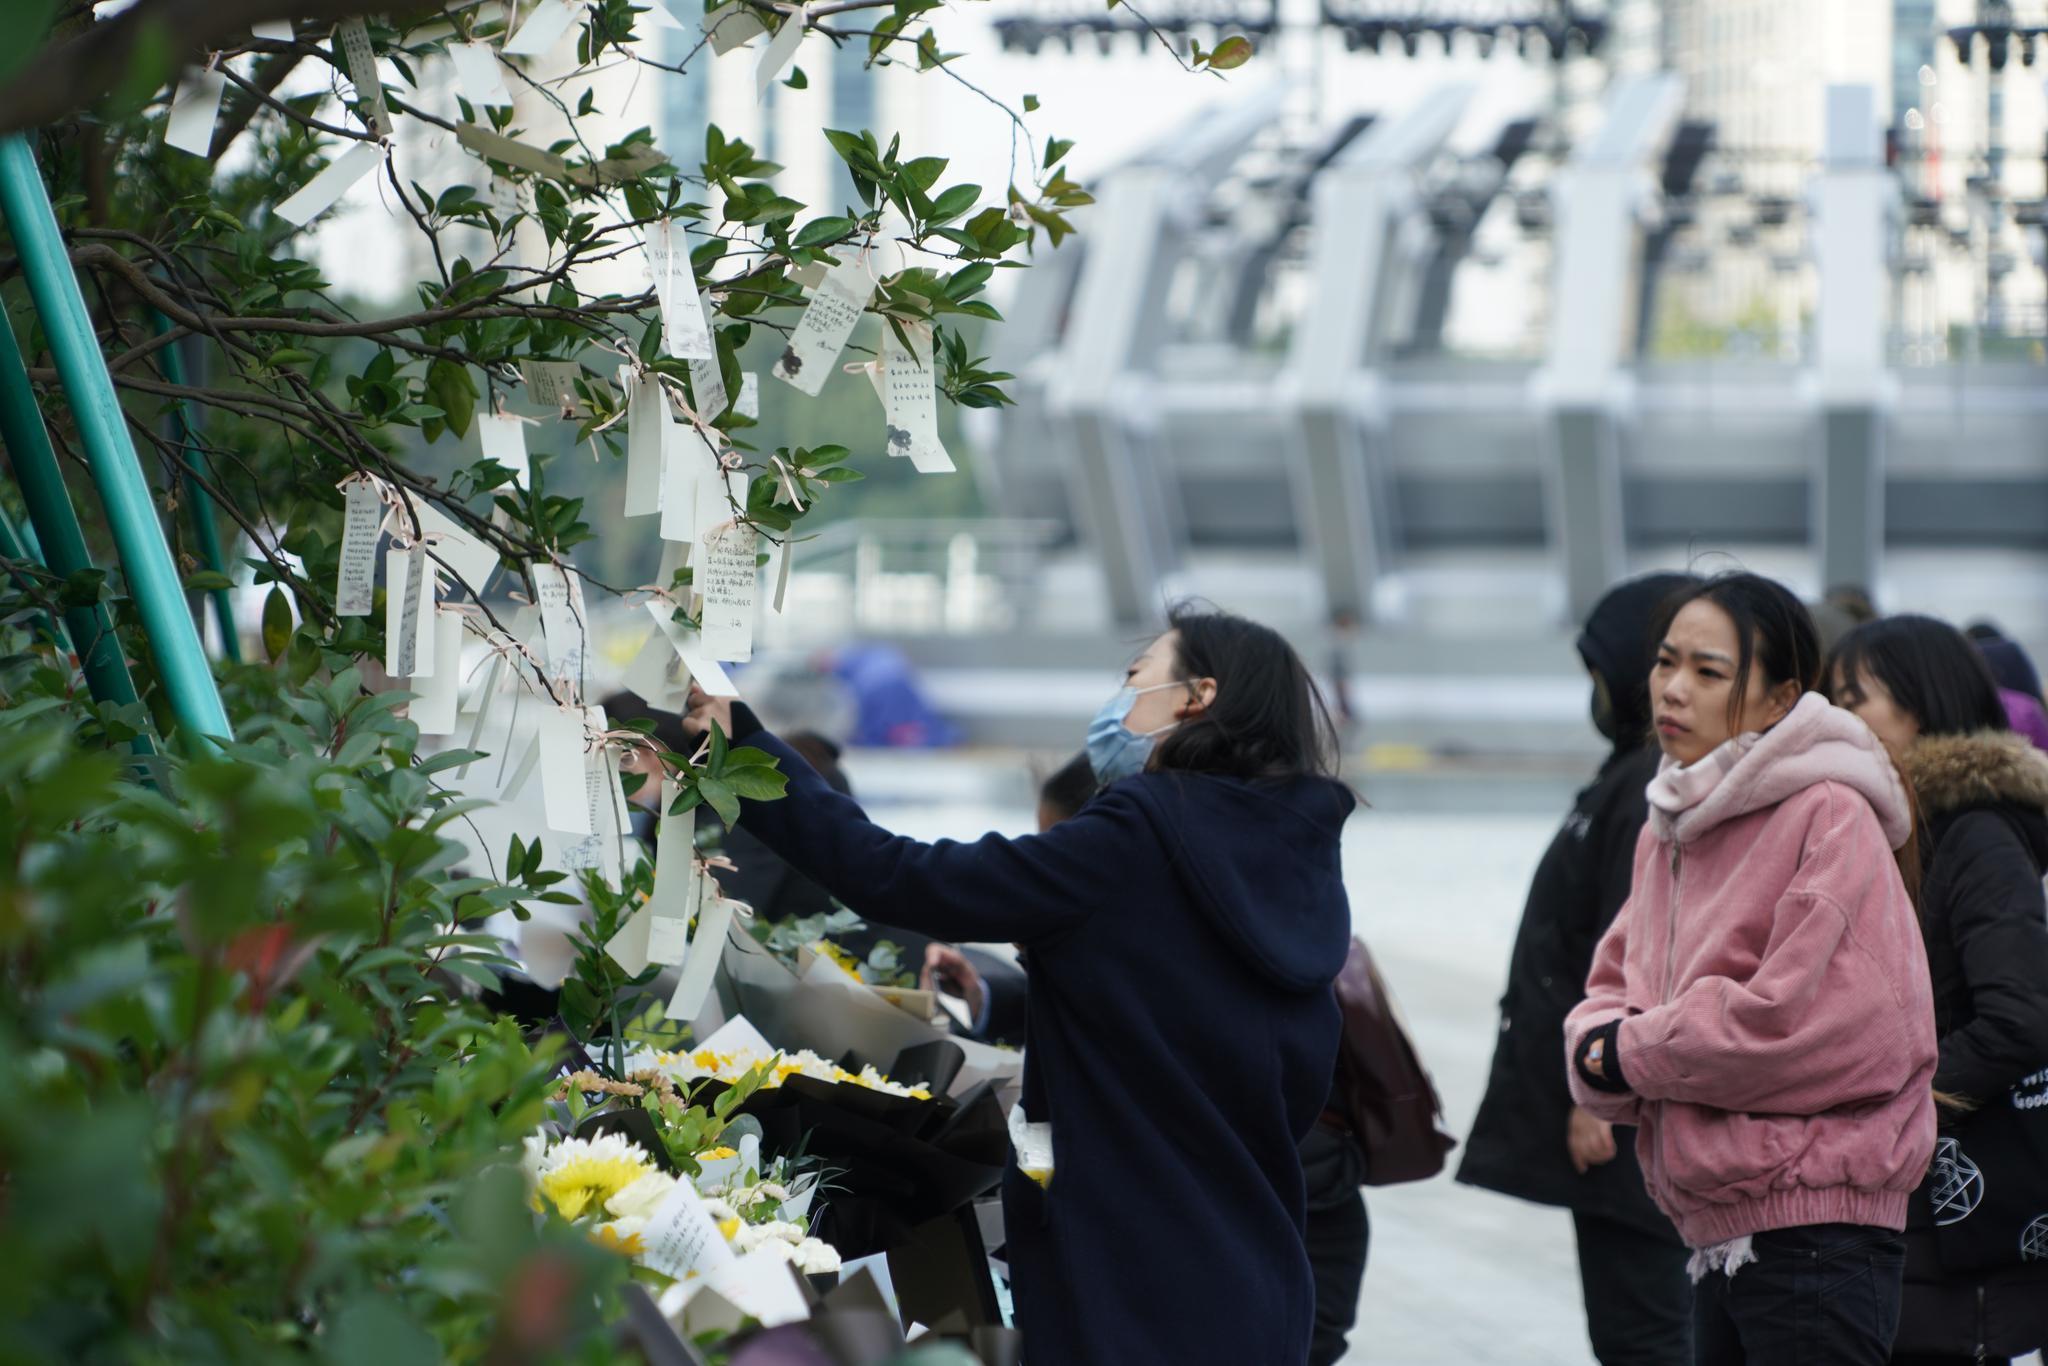 高以翔粉丝将写好的小纸条挂在树枝上。新京报记者 俞金旻 摄